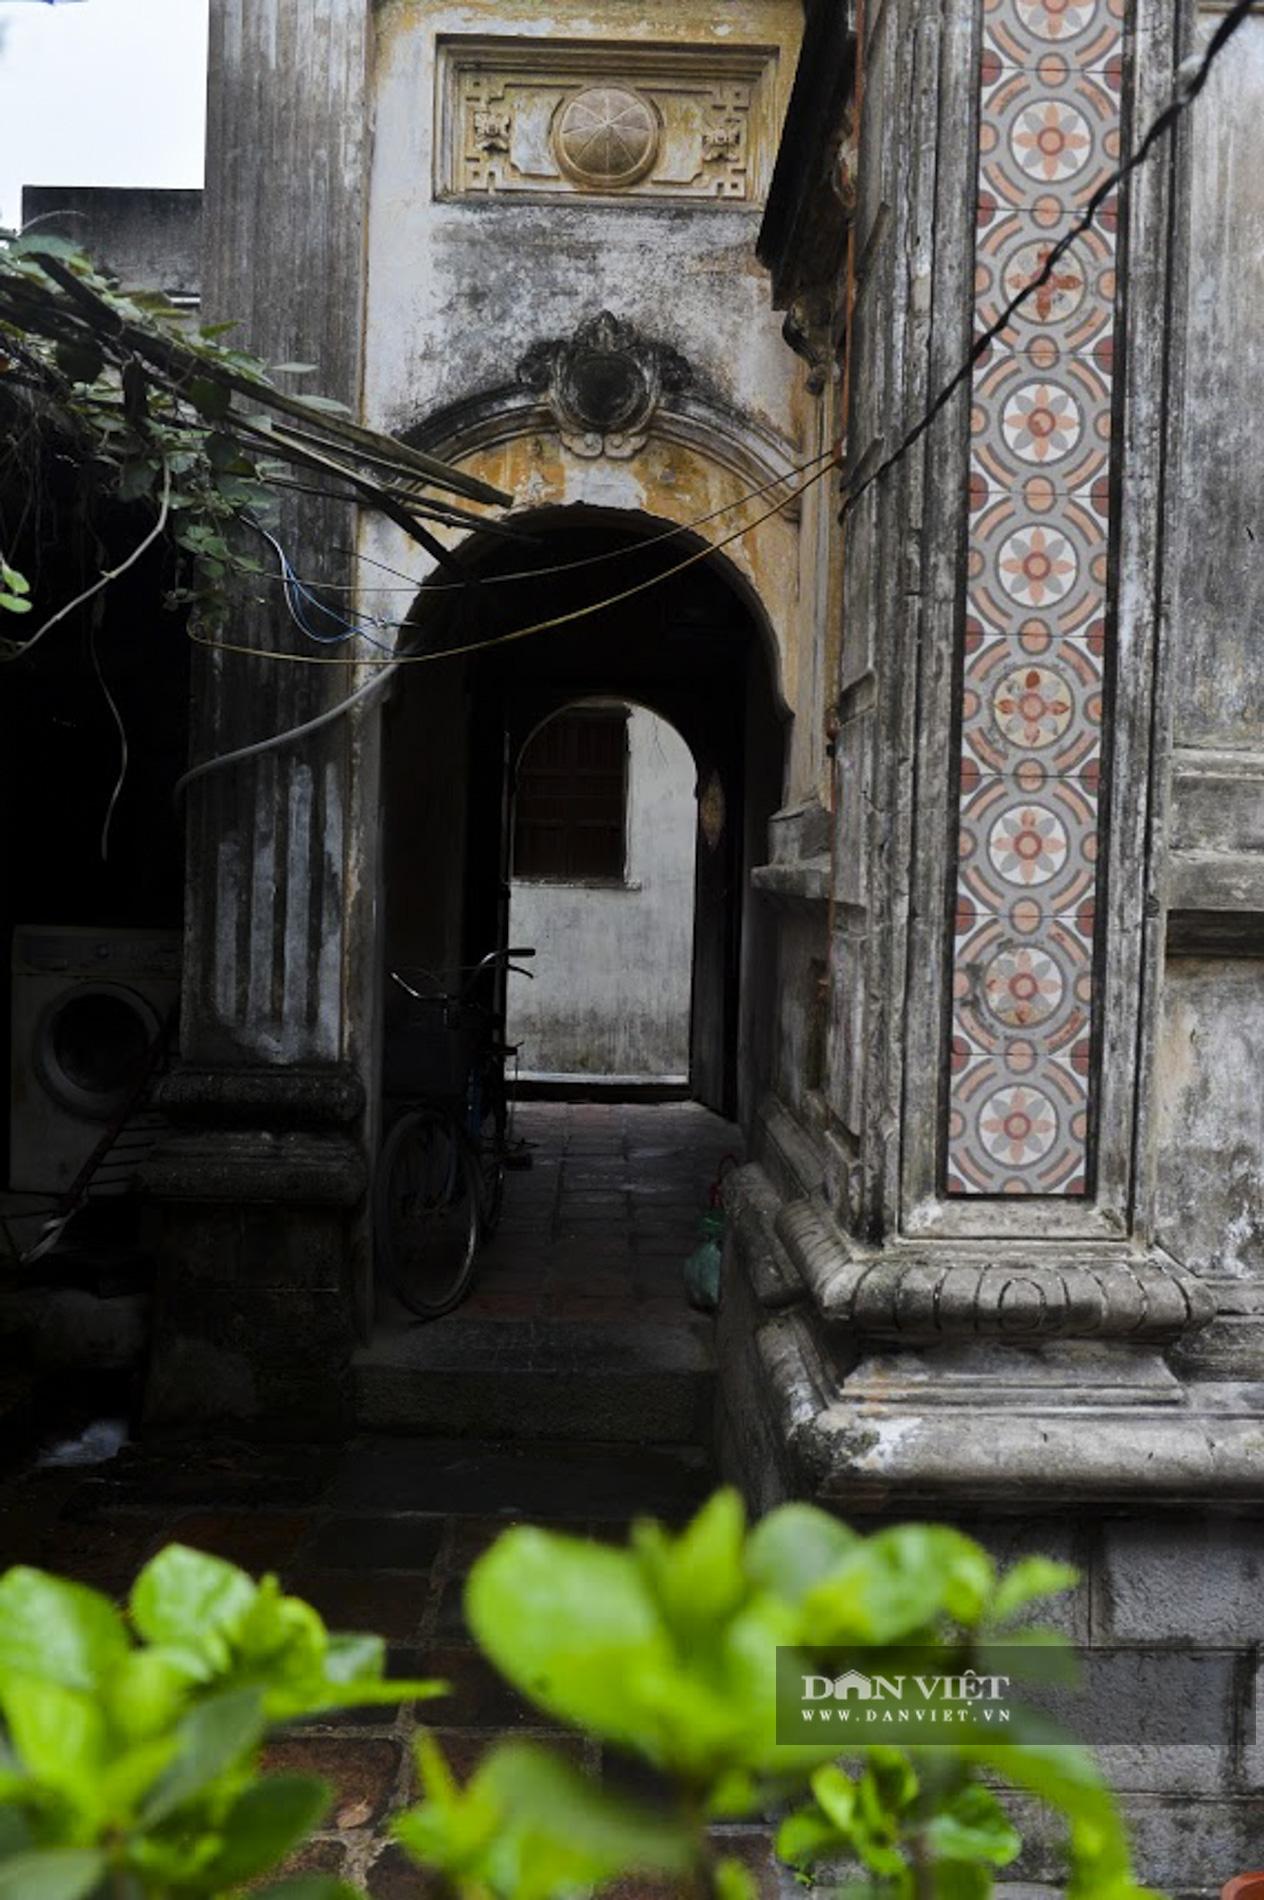 Mê mẩn với kiến trúc xưa cũ của căn biệt thự 100 tuổi ở làng cổ Cự Đà - Ảnh 11.